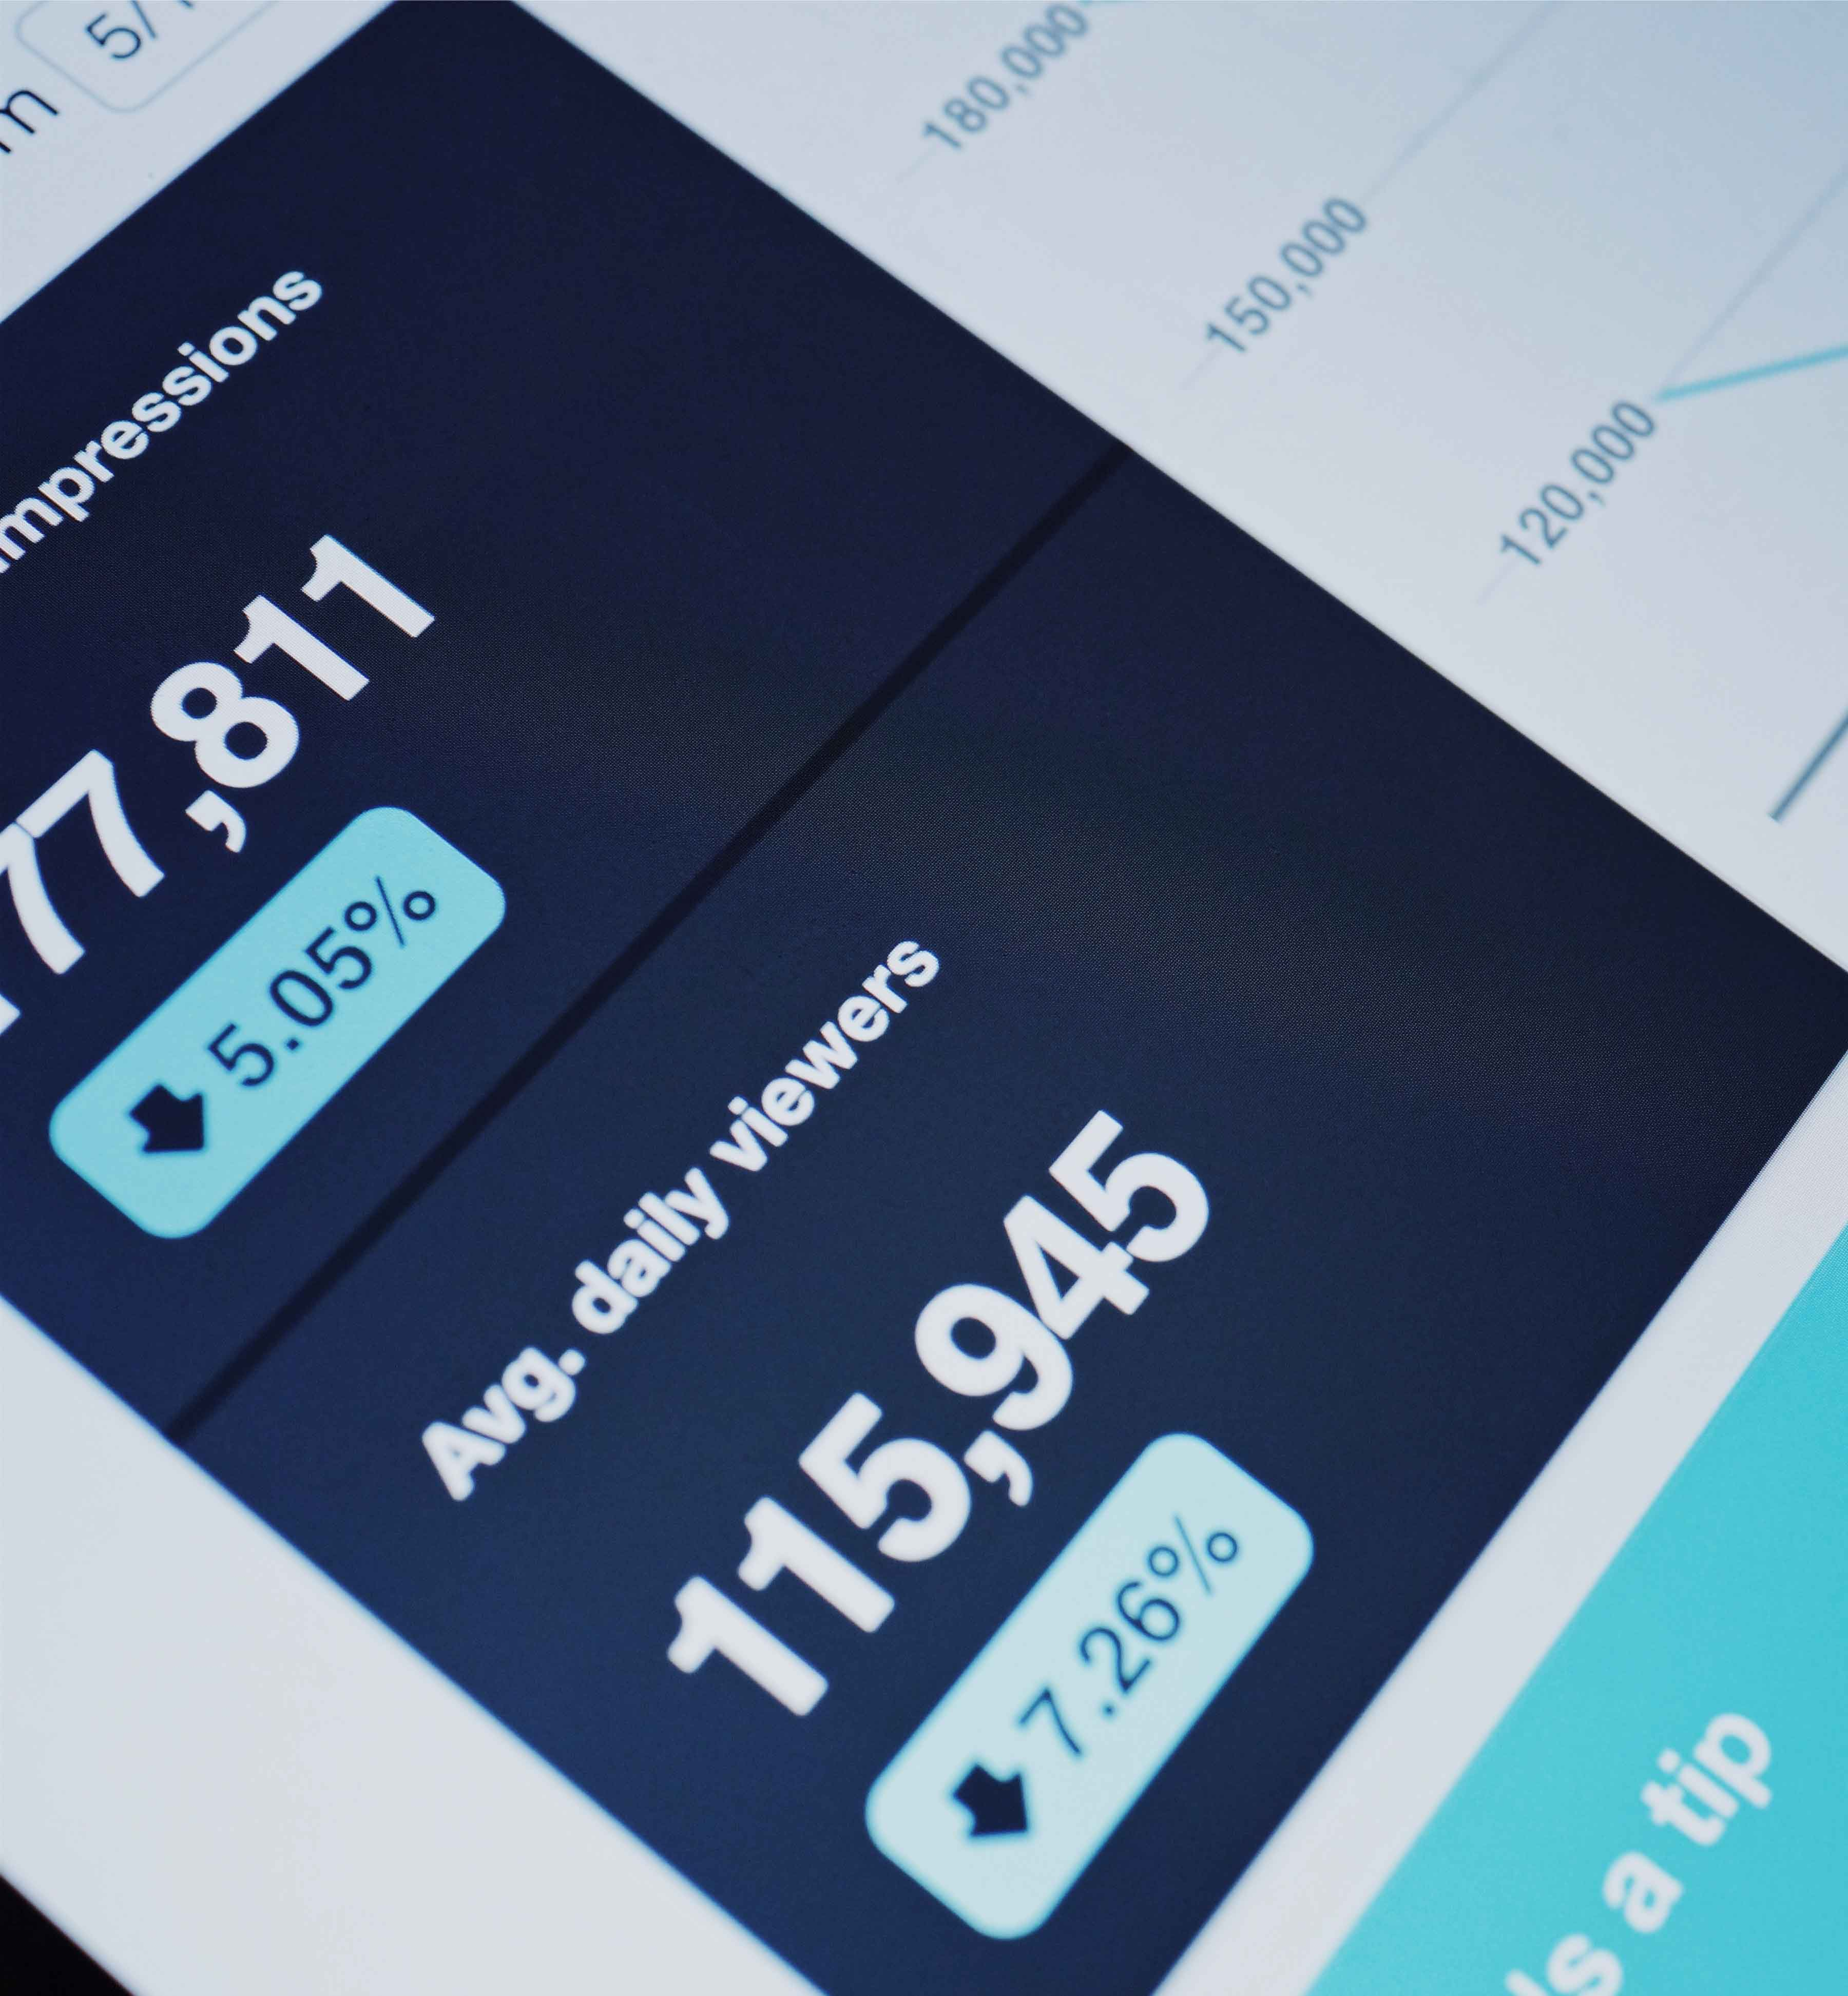 Clariter's Data Analysis uses the best technologies, DATA ANALYSIS